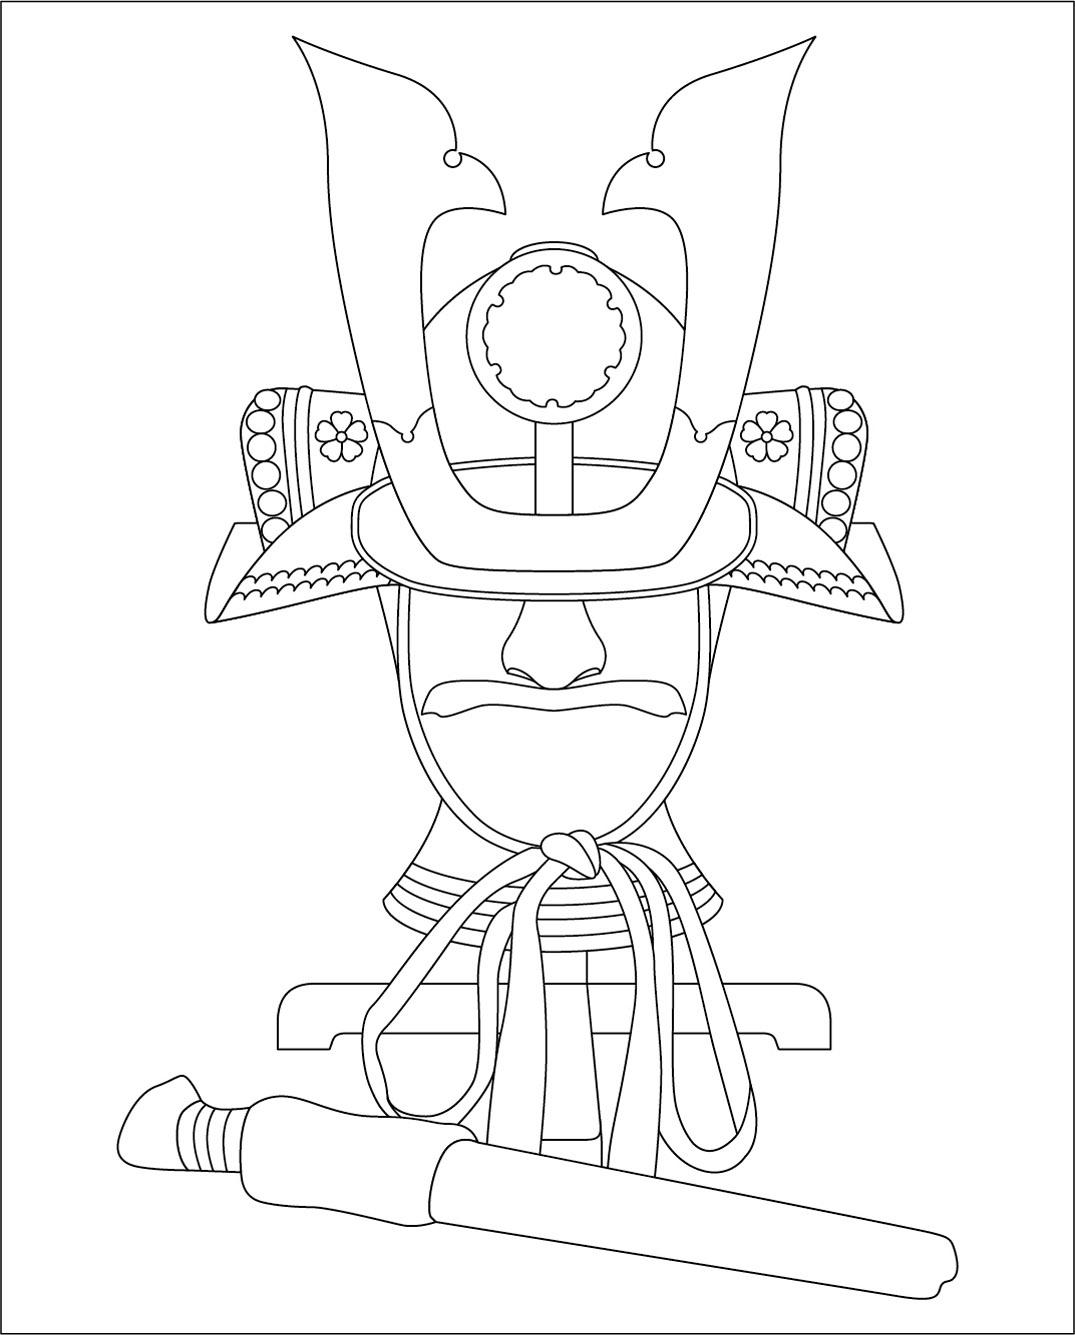 レク素材 五月人形介護レク広場レク素材やレクネタ企画書の無料